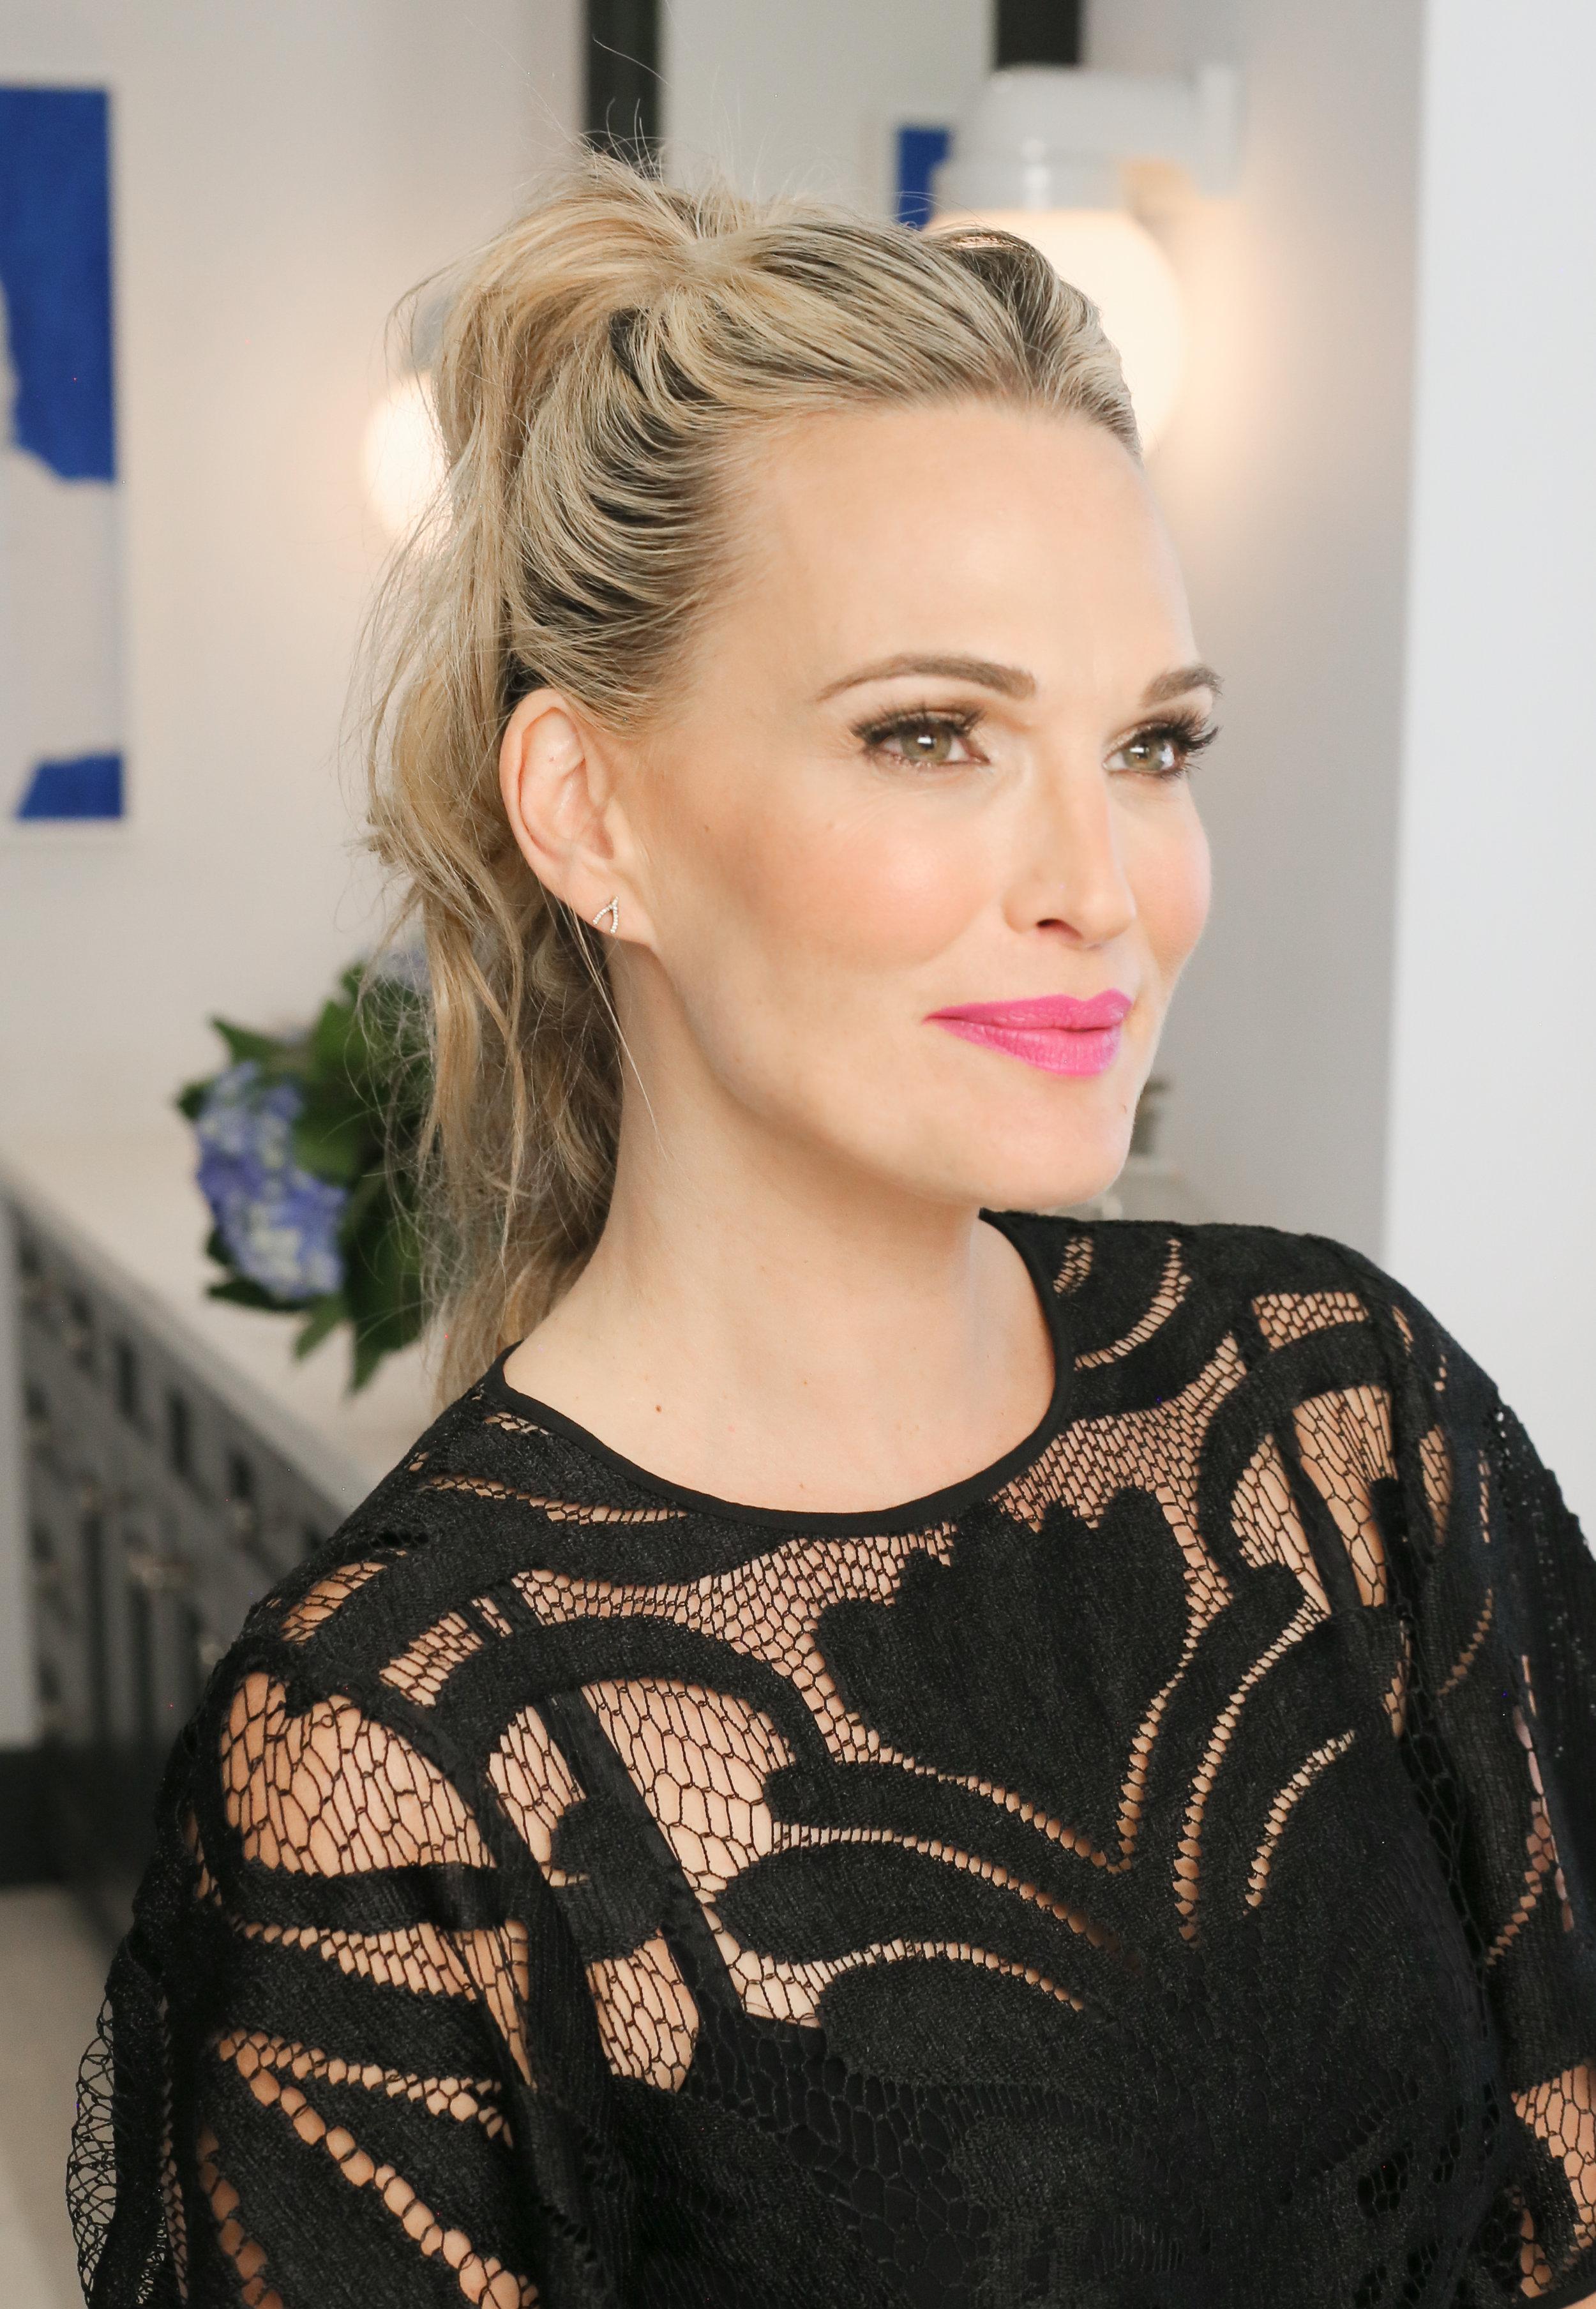 2017 - 04 - 27 Mixed Makeup Molly Sims (96 of 99).jpg